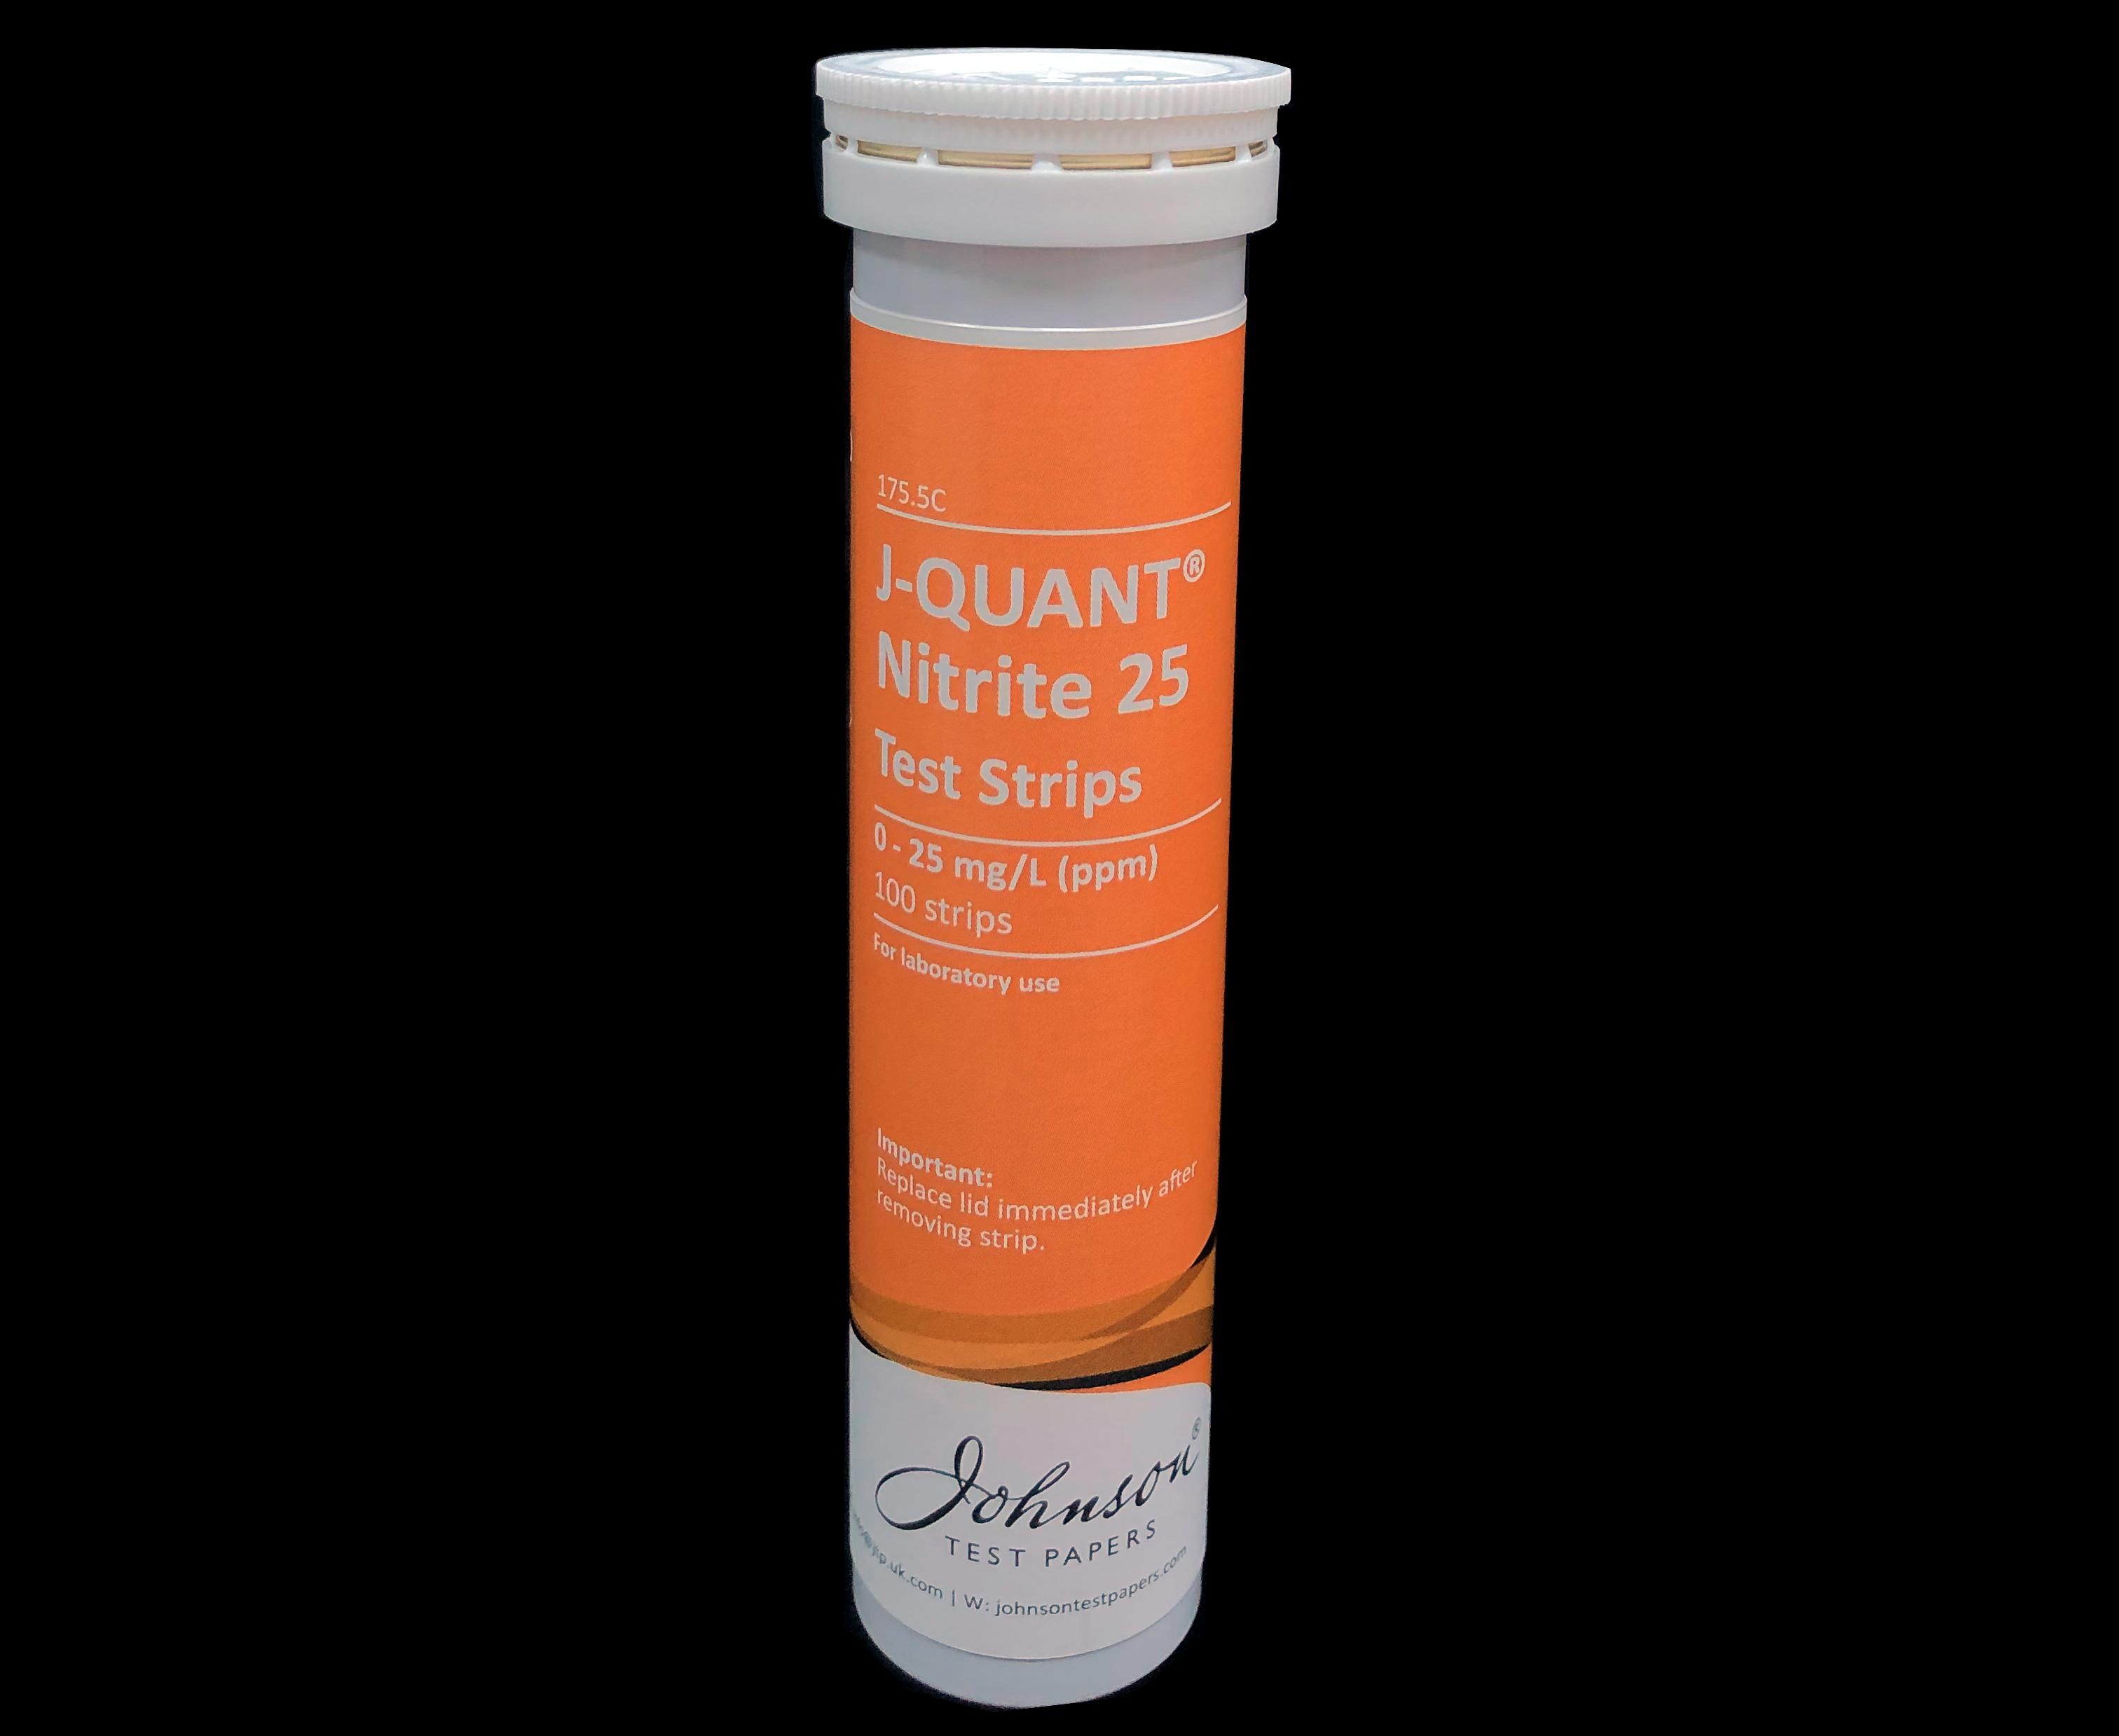 J-QUANT<sup>®</sup> Nitrite